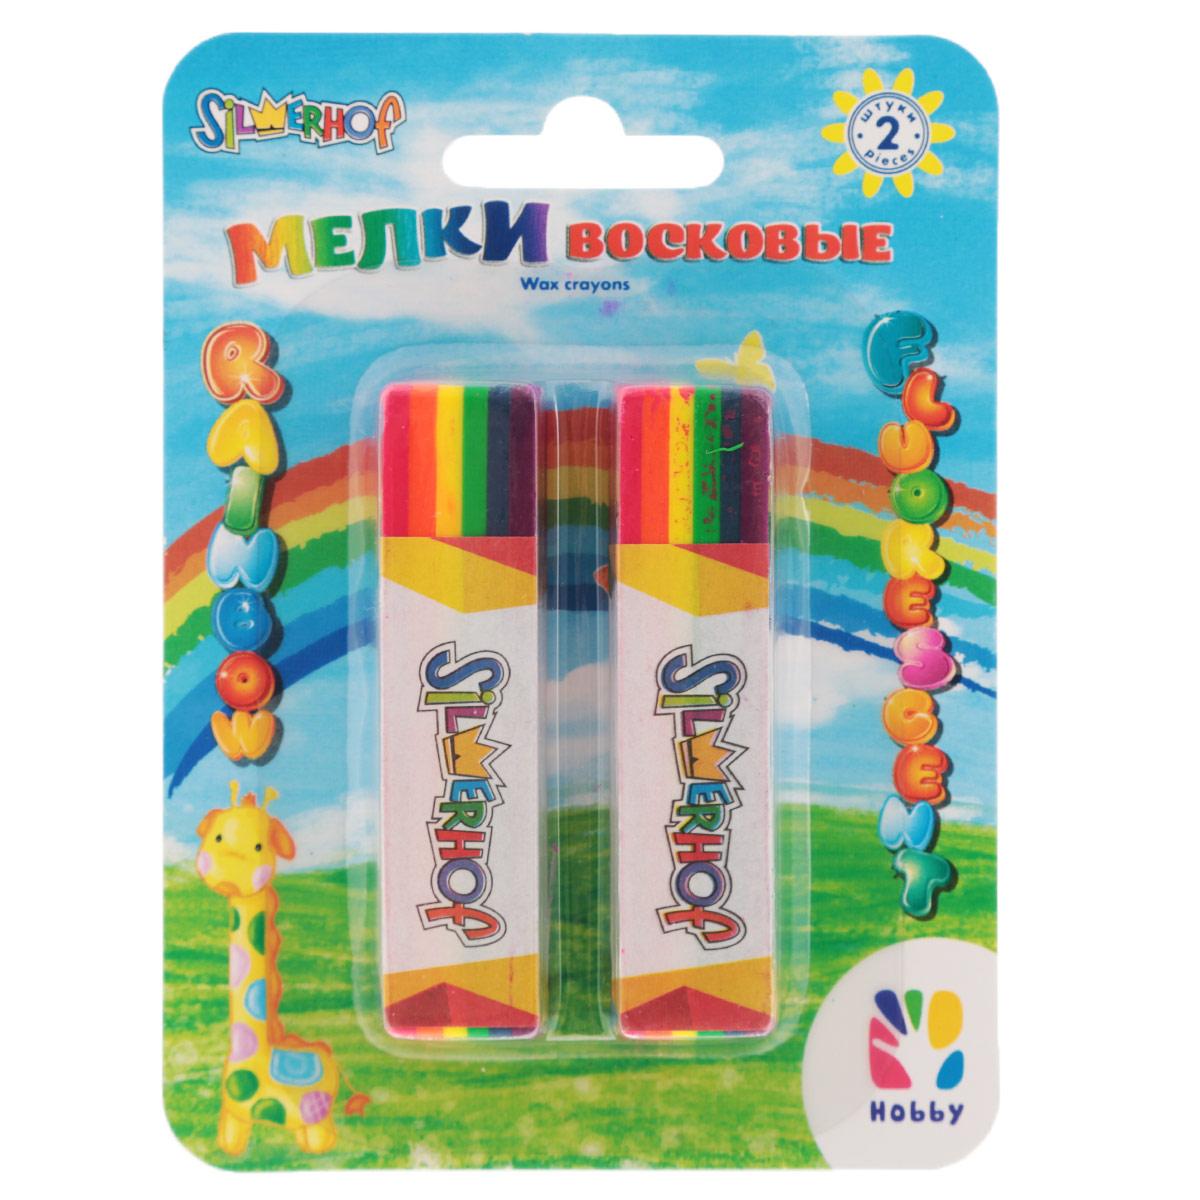 Мелки восковые Silwerhof Rainbow. Hobby, водоустойчивые, 2 шт884070-02Восковые яркие мелки Rainbow. Hobby предназначены для рисования на бумаге, картоне, стекле, пластике и керамике. Водоустойчивые. Предоставляют увлекательное занятие для малыша во время творчества, особенно при рисовании на темной бумаге. В наборе 2 мелка, окрашенных в цвета радуги: бордовый, оранжевый, желтый, зеленый, синий и фиолетовый. На каждом мелке бумажный держатель, который помогает удержать восковой мелок во время рисования. Рекомендовано для детей старше 3-х лет.